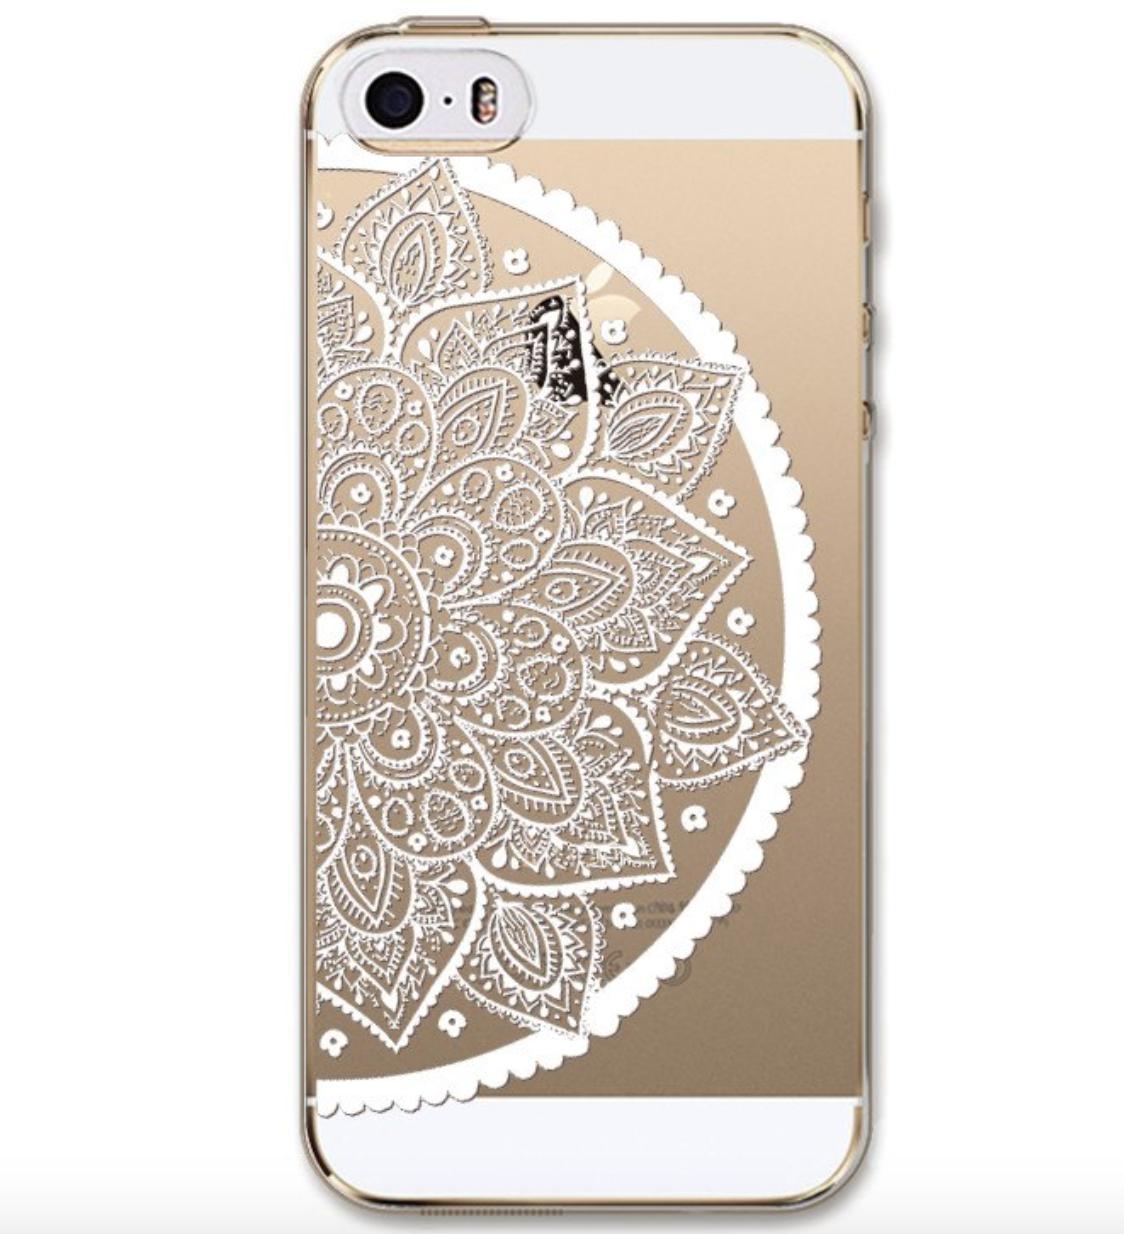 Чехол накладка силикон Ловец снов 0,3 мм для iPhone 6/6s